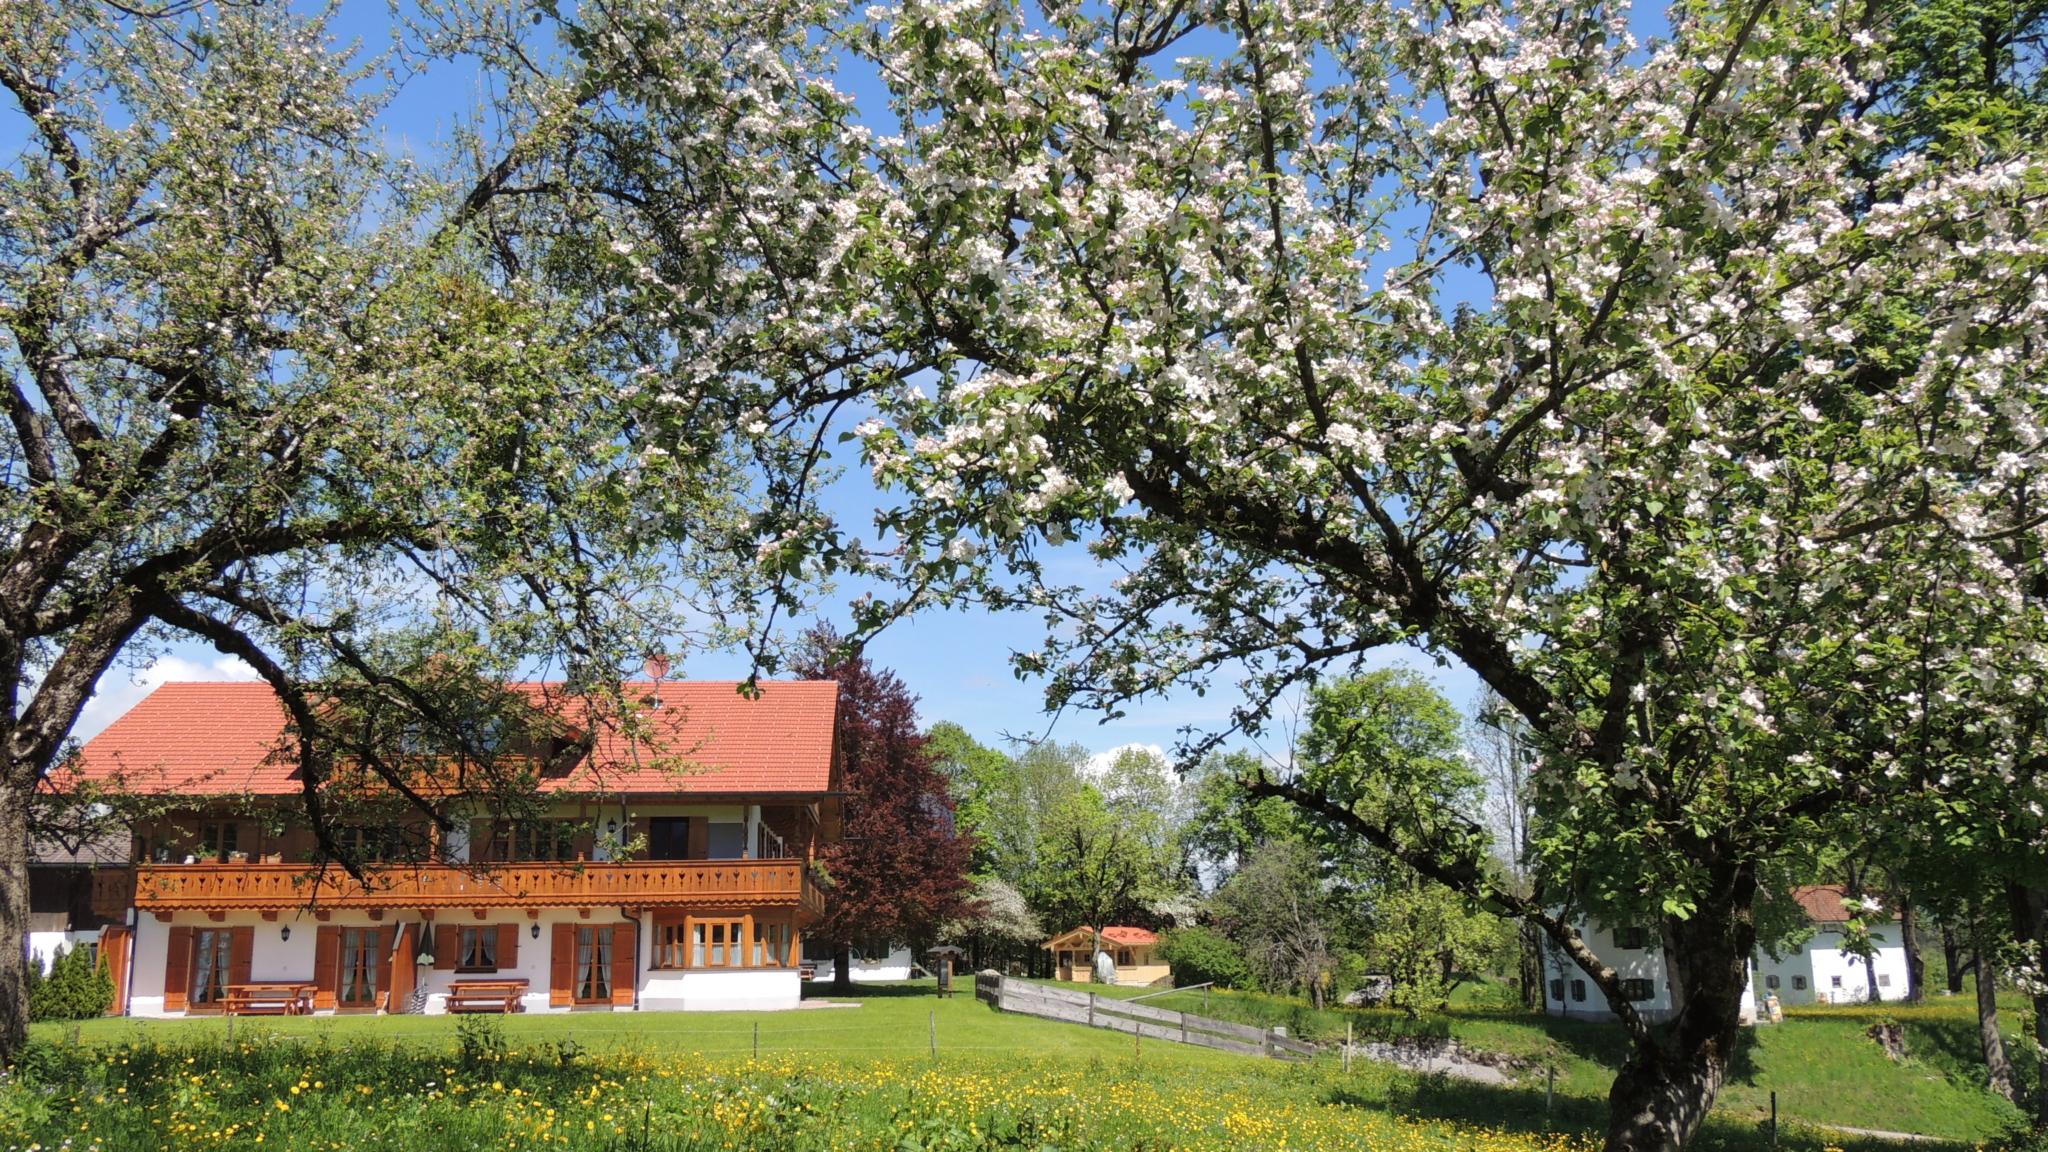 Frühling in Lenggries-Wegscheid